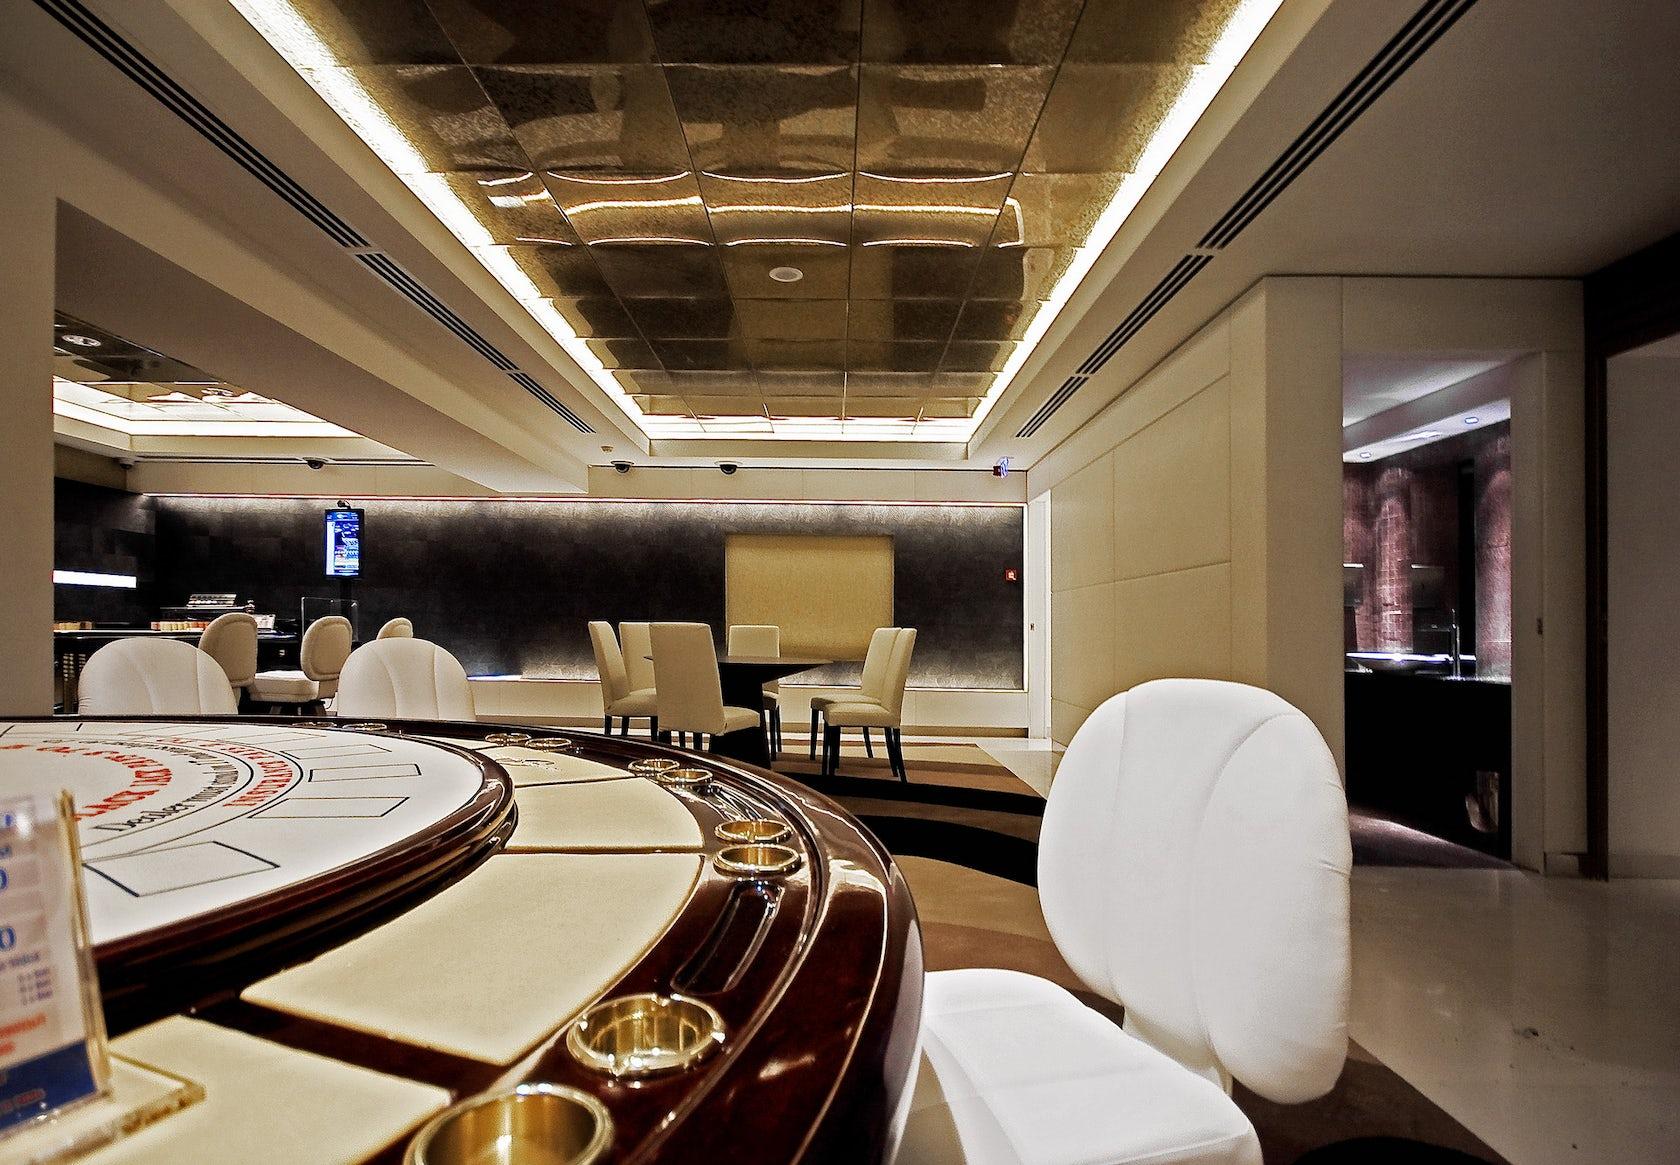 официальный сайт казино онлайн зигзаг 777 зеркало рабочее сегодня